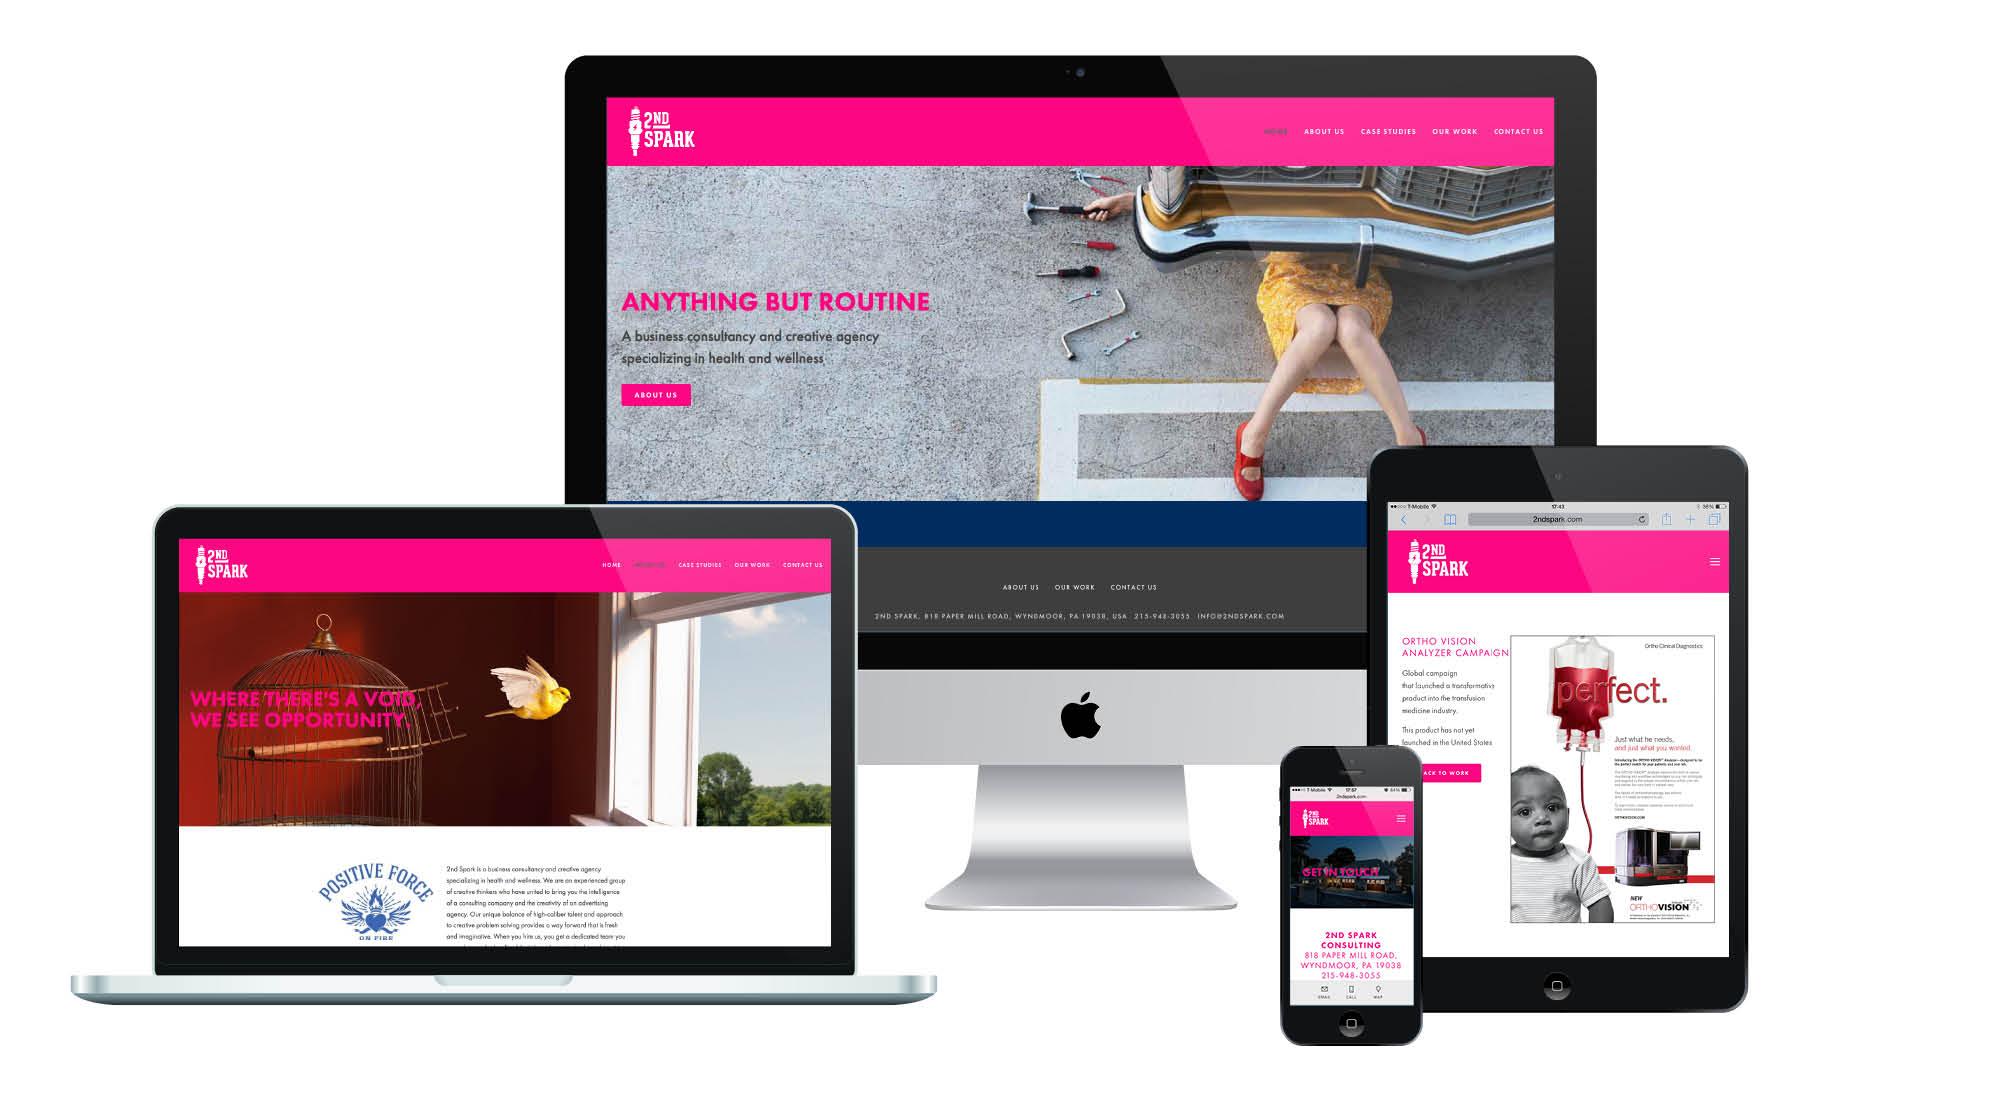 2nd Spark Responsive Website